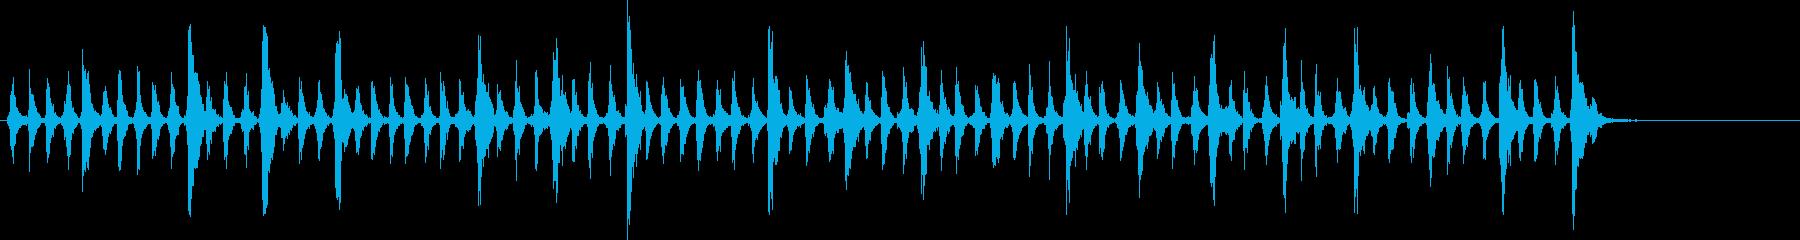 リズム、ロング、ミュージック、パー...の再生済みの波形